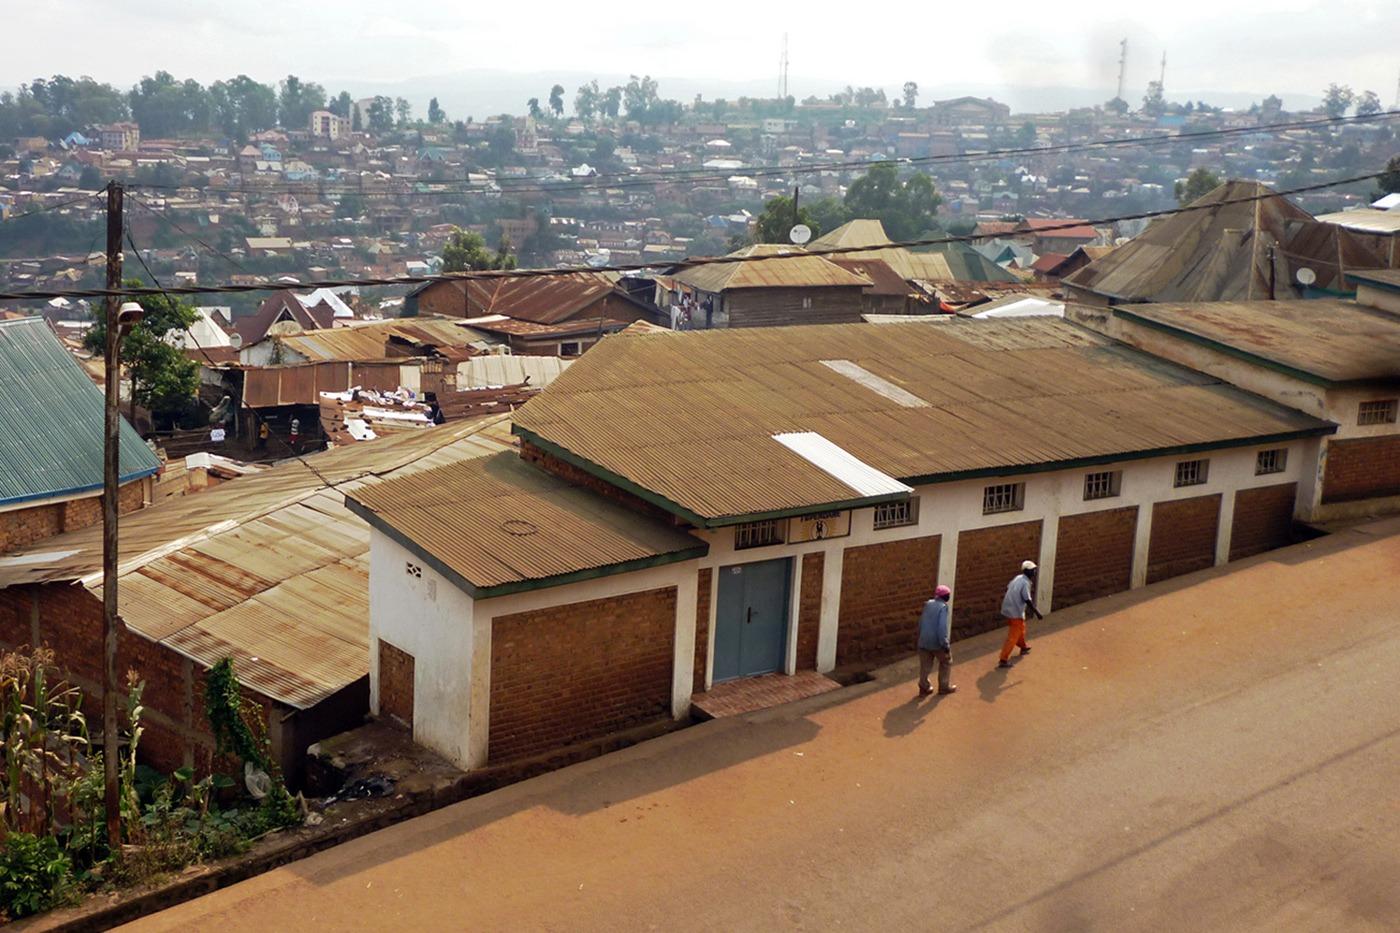 Casa-Famiglia Tupendane di Padre Querzani, a Bukavo, in Congo, prima dei lavori di ampliamento - febbraio 2018